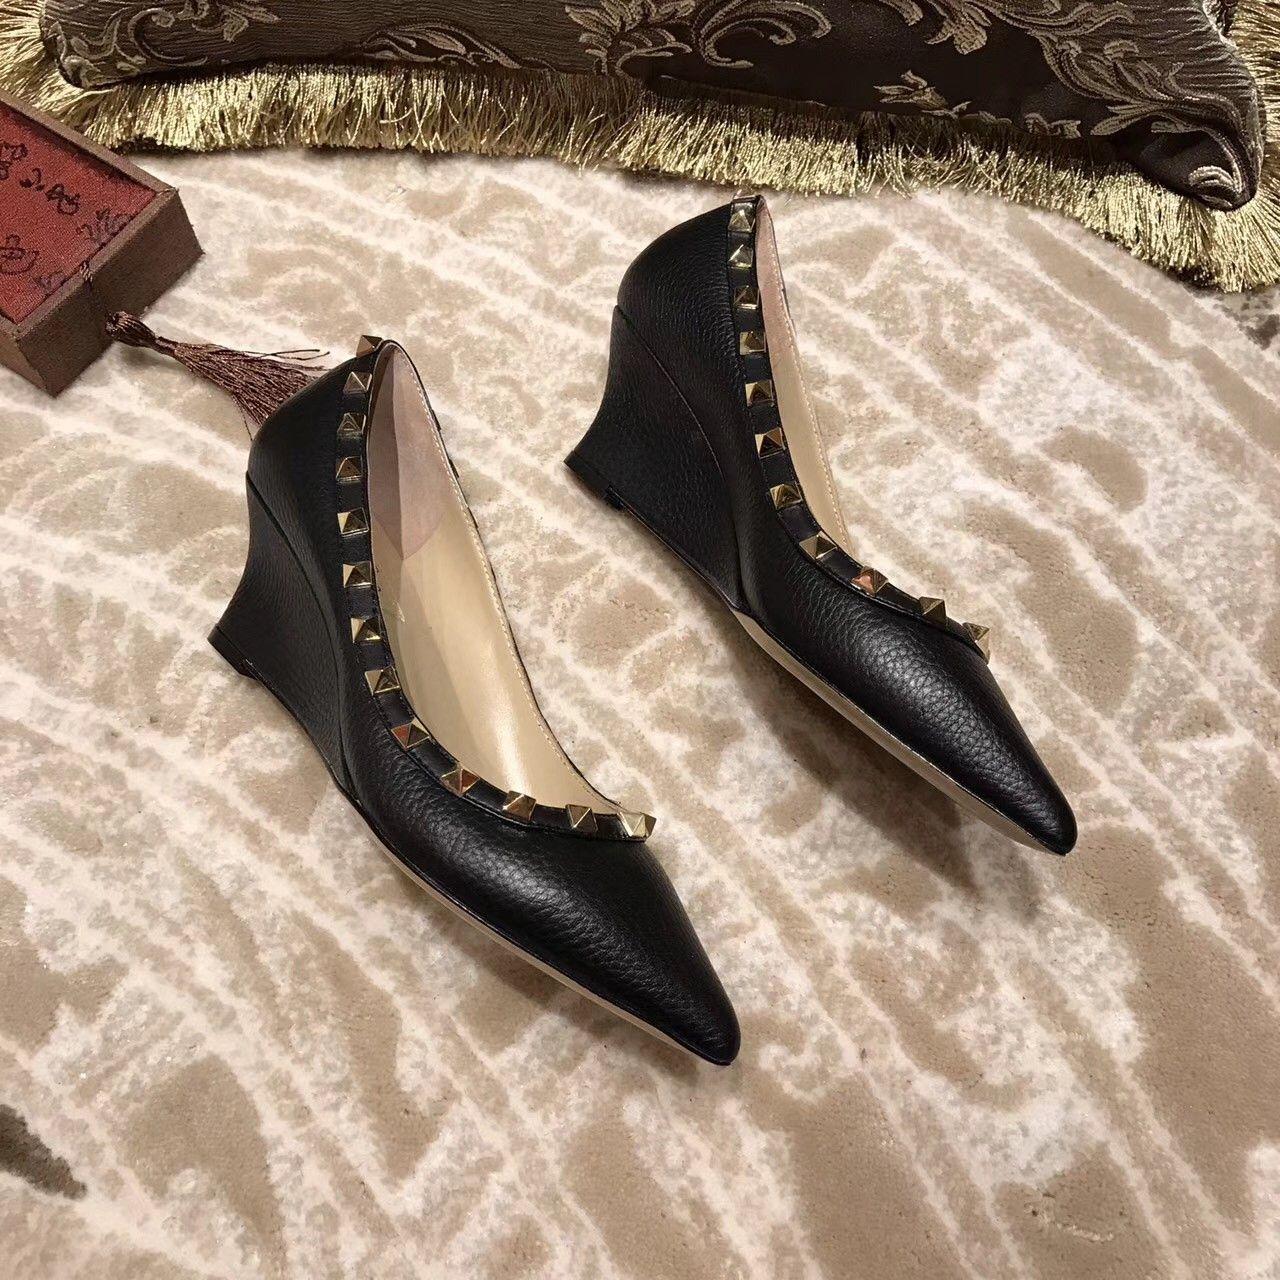 Dami moda 2020 yeni sezon deri Gladyatör perçin ayakkabı yüksek qaulity tasarımcı ayak bileği yamaç topuk ayakkabılar eu35 ~ 40 opsiyonel su geçirmez tahta